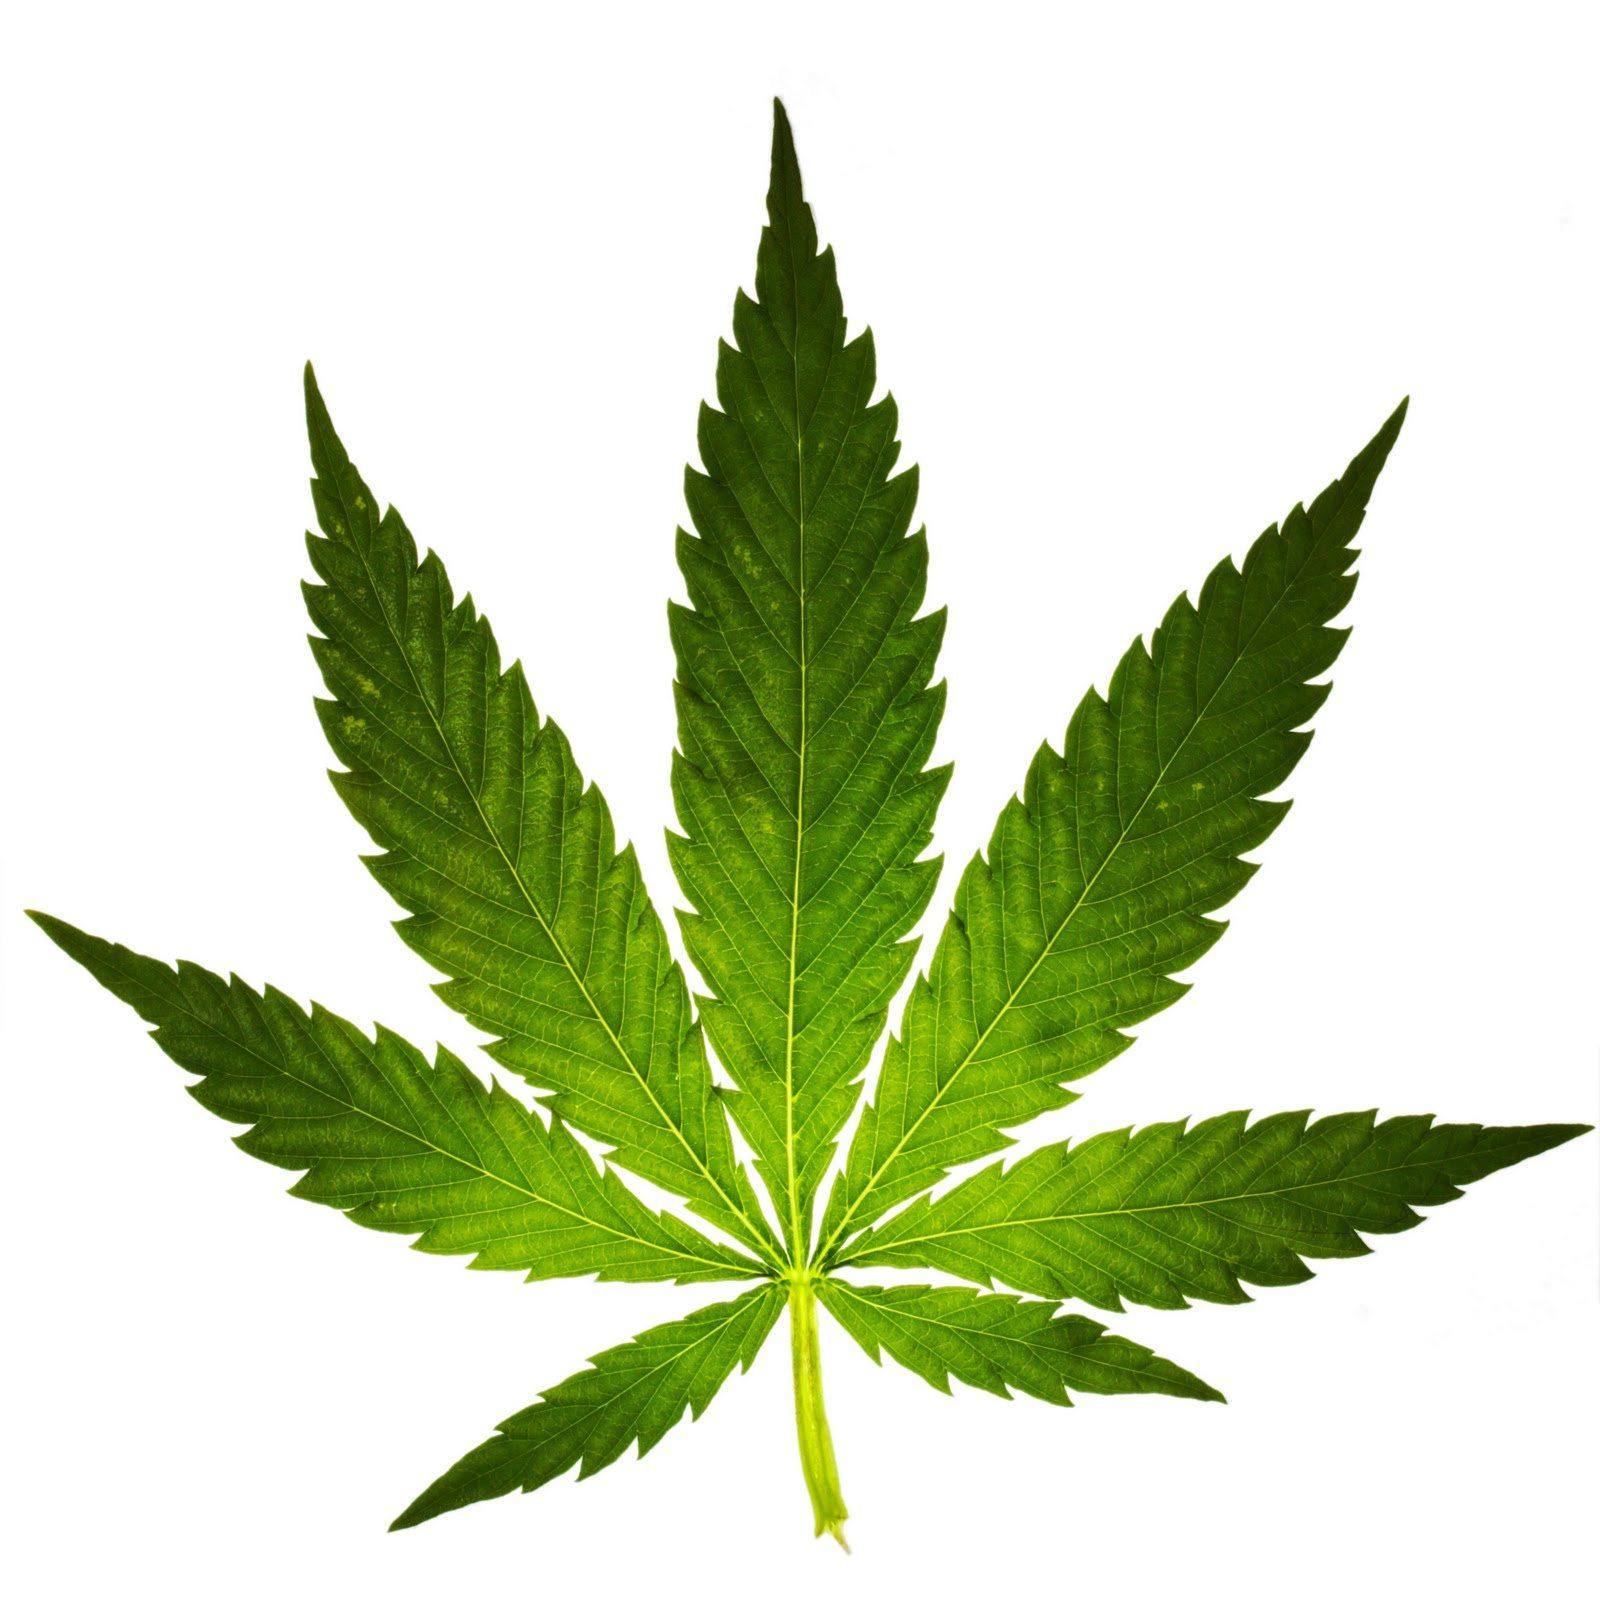 Polícia Judiciária anda atrás de plantações de Cannabis em Portugal